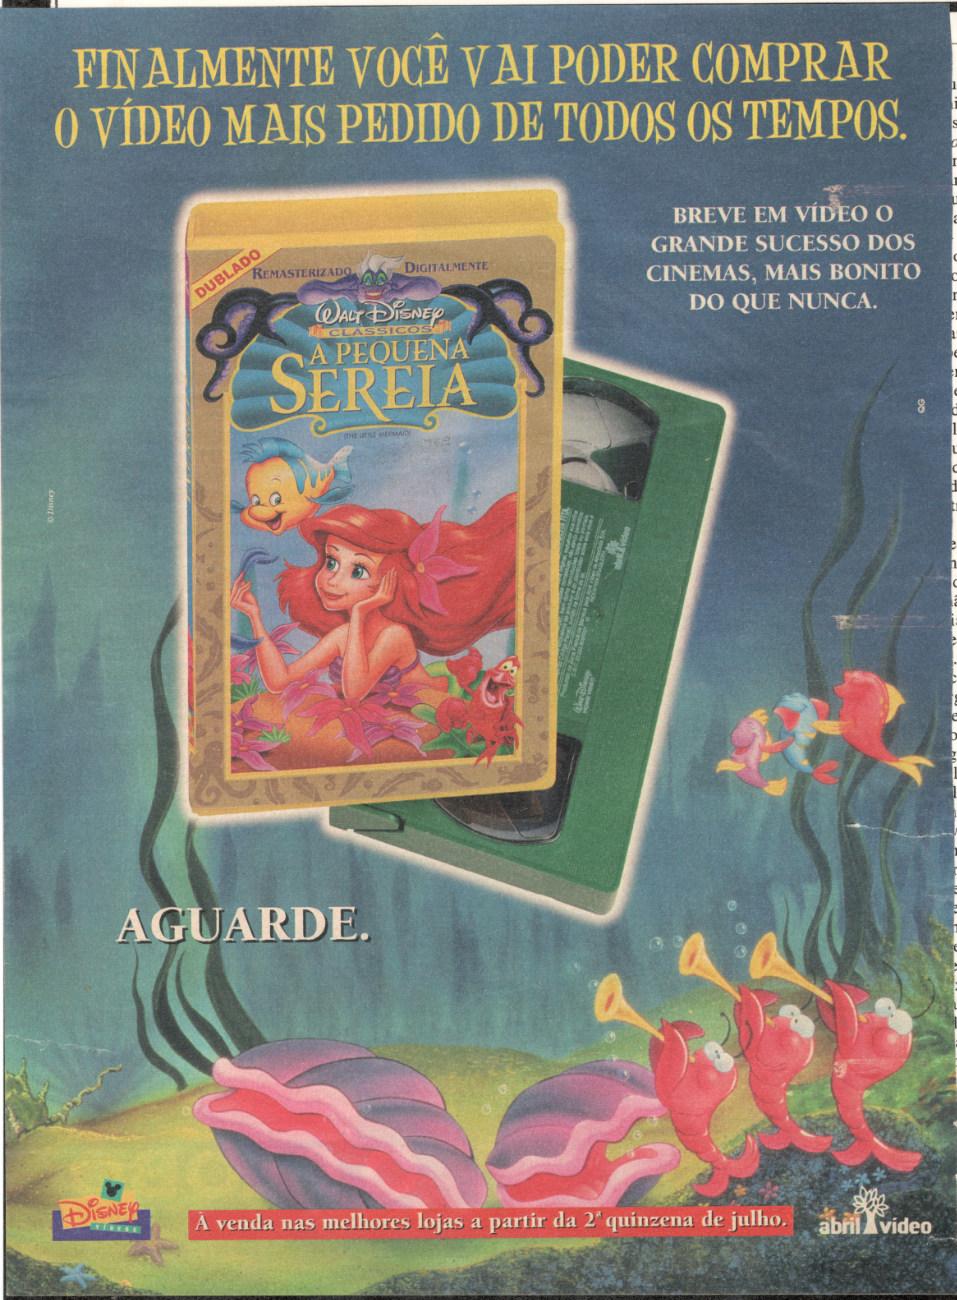 Propaganda da Disney em meados dos anos 90 para promover a versão remasterizada do filme 'A Pequena Sereia'